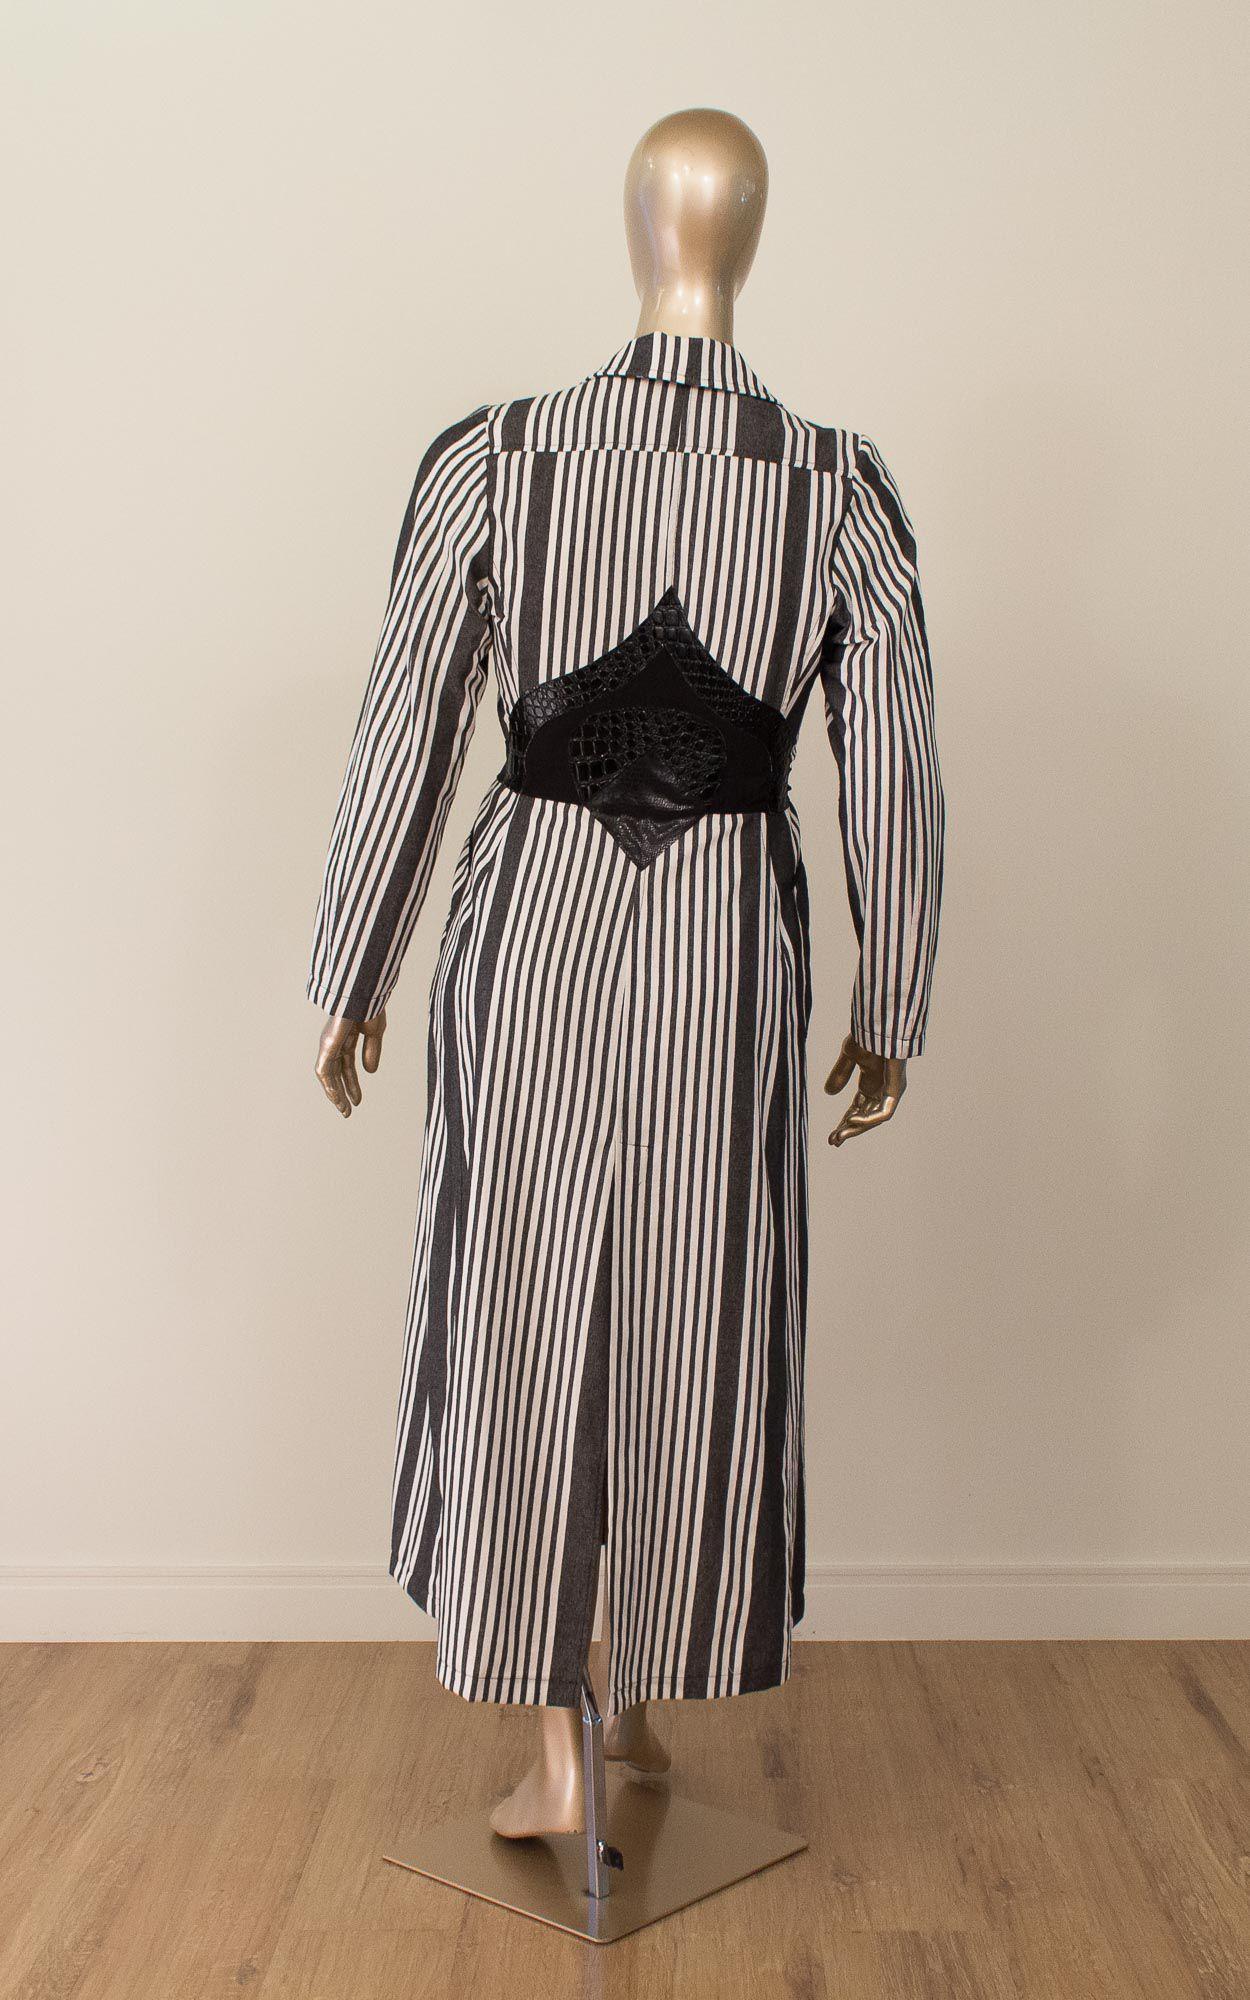 Vestido midi manga longa com detalhes em croco